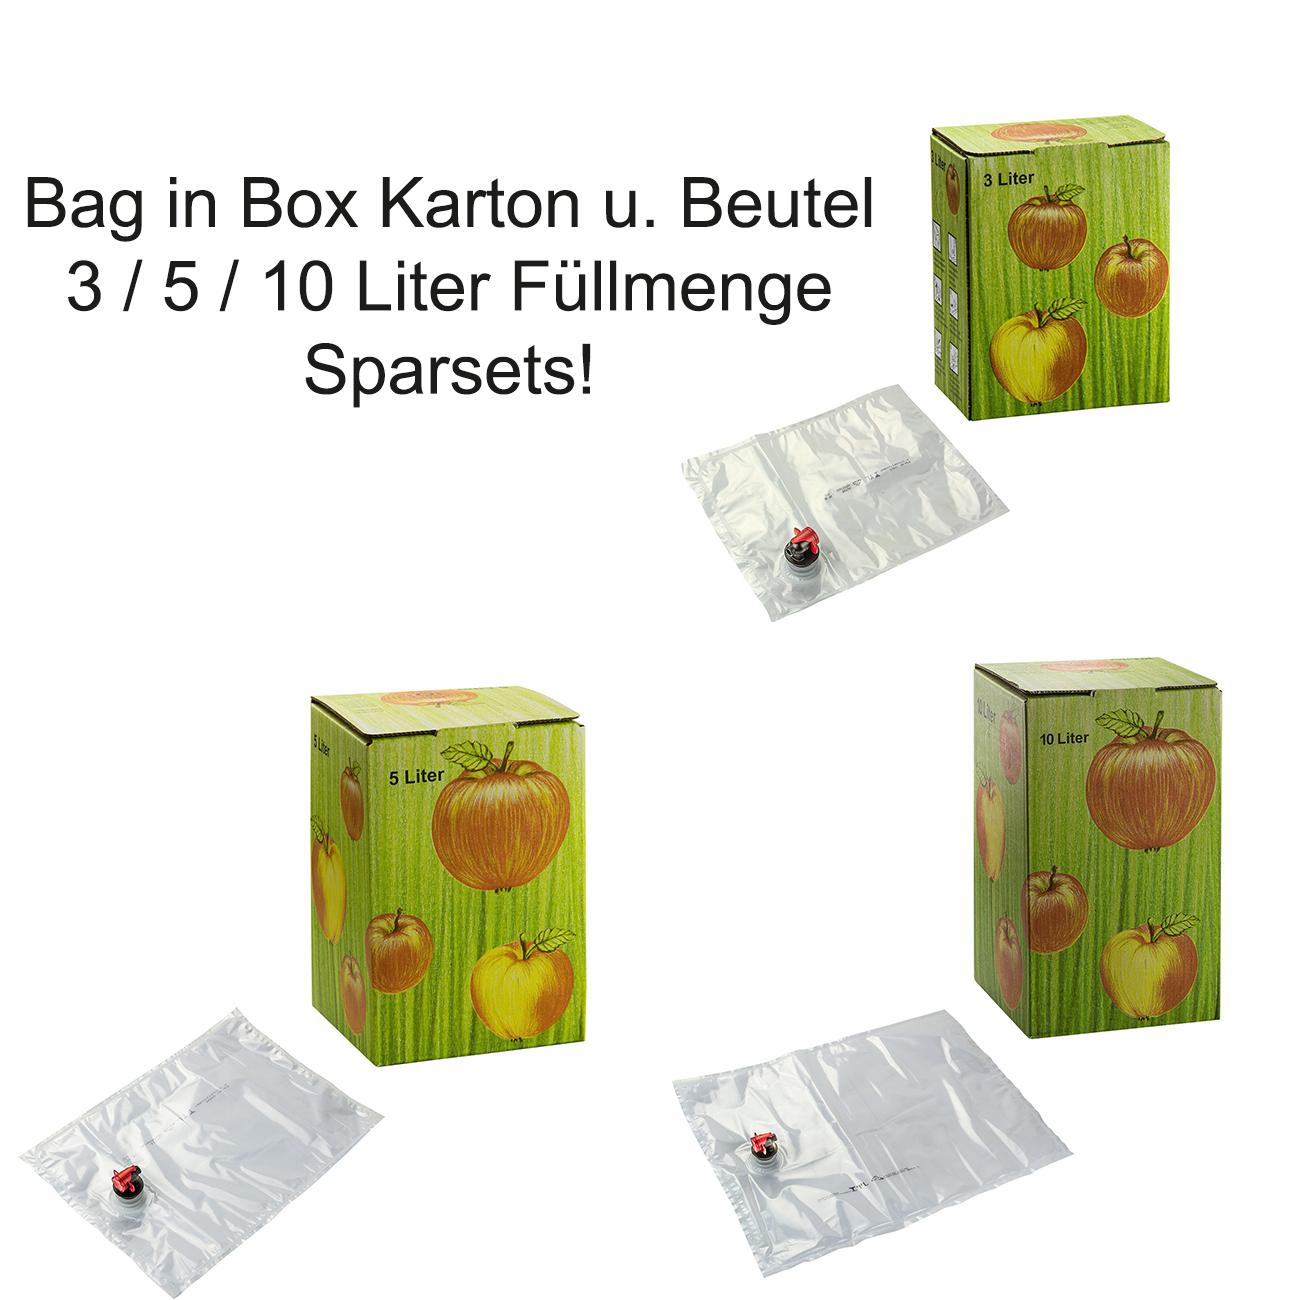 1,30€//1Stk 10 Stück 5 Liter Bag in Box Karton in bourdeaux